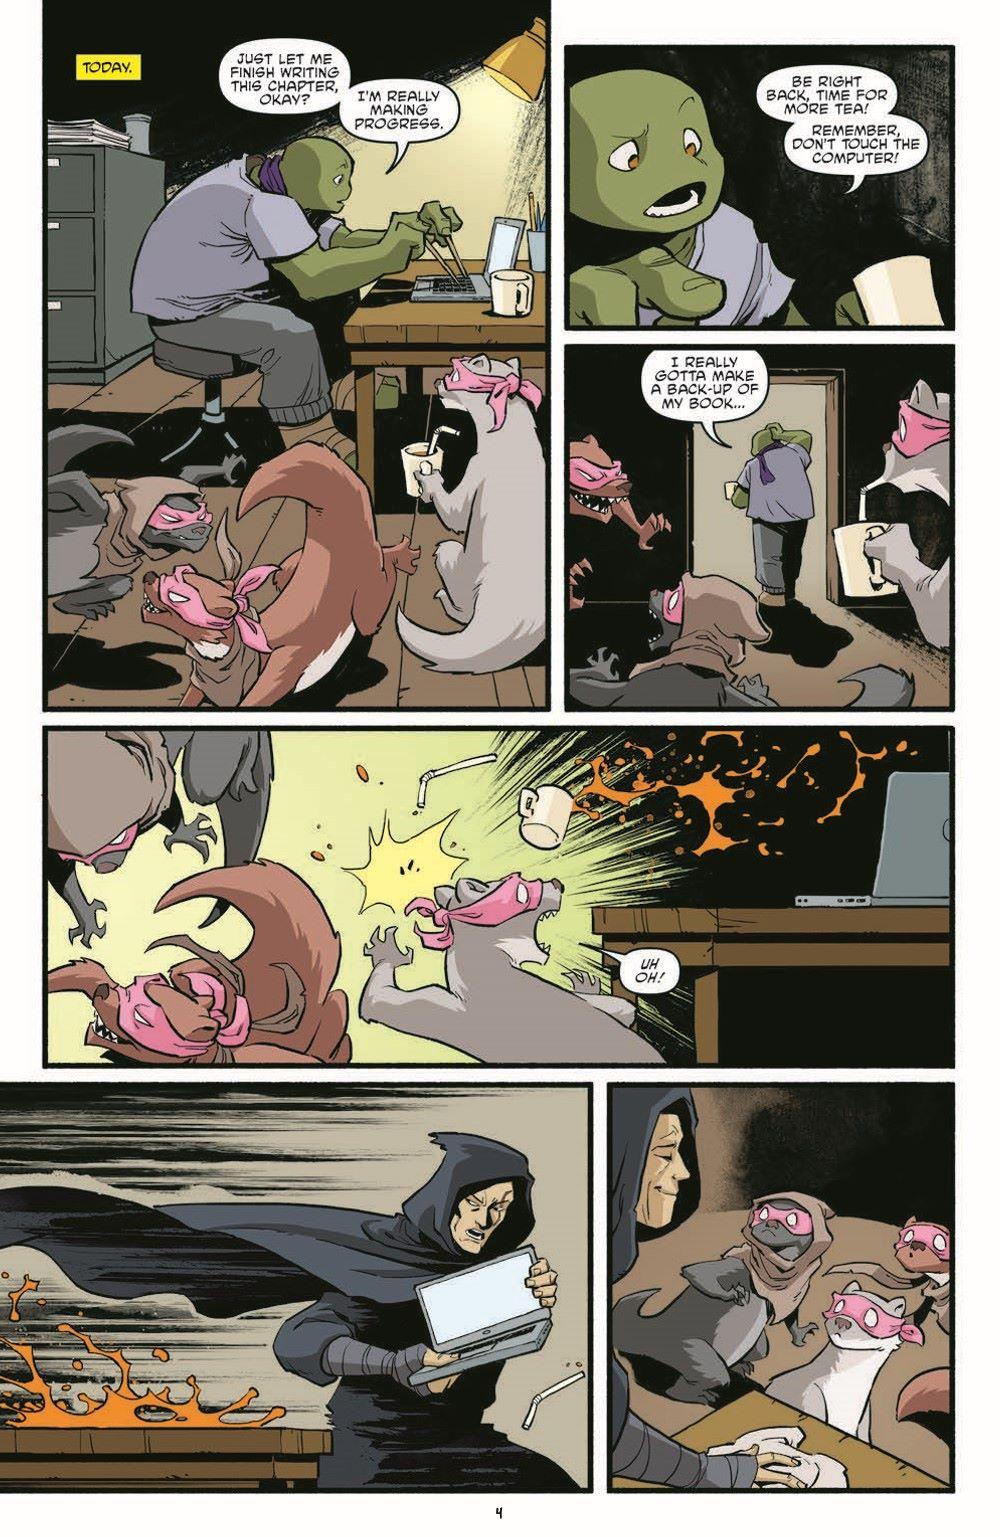 TMNT118_pr-6 ComicList Previews: TEENAGE MUTANT NINJA TURTLES #118